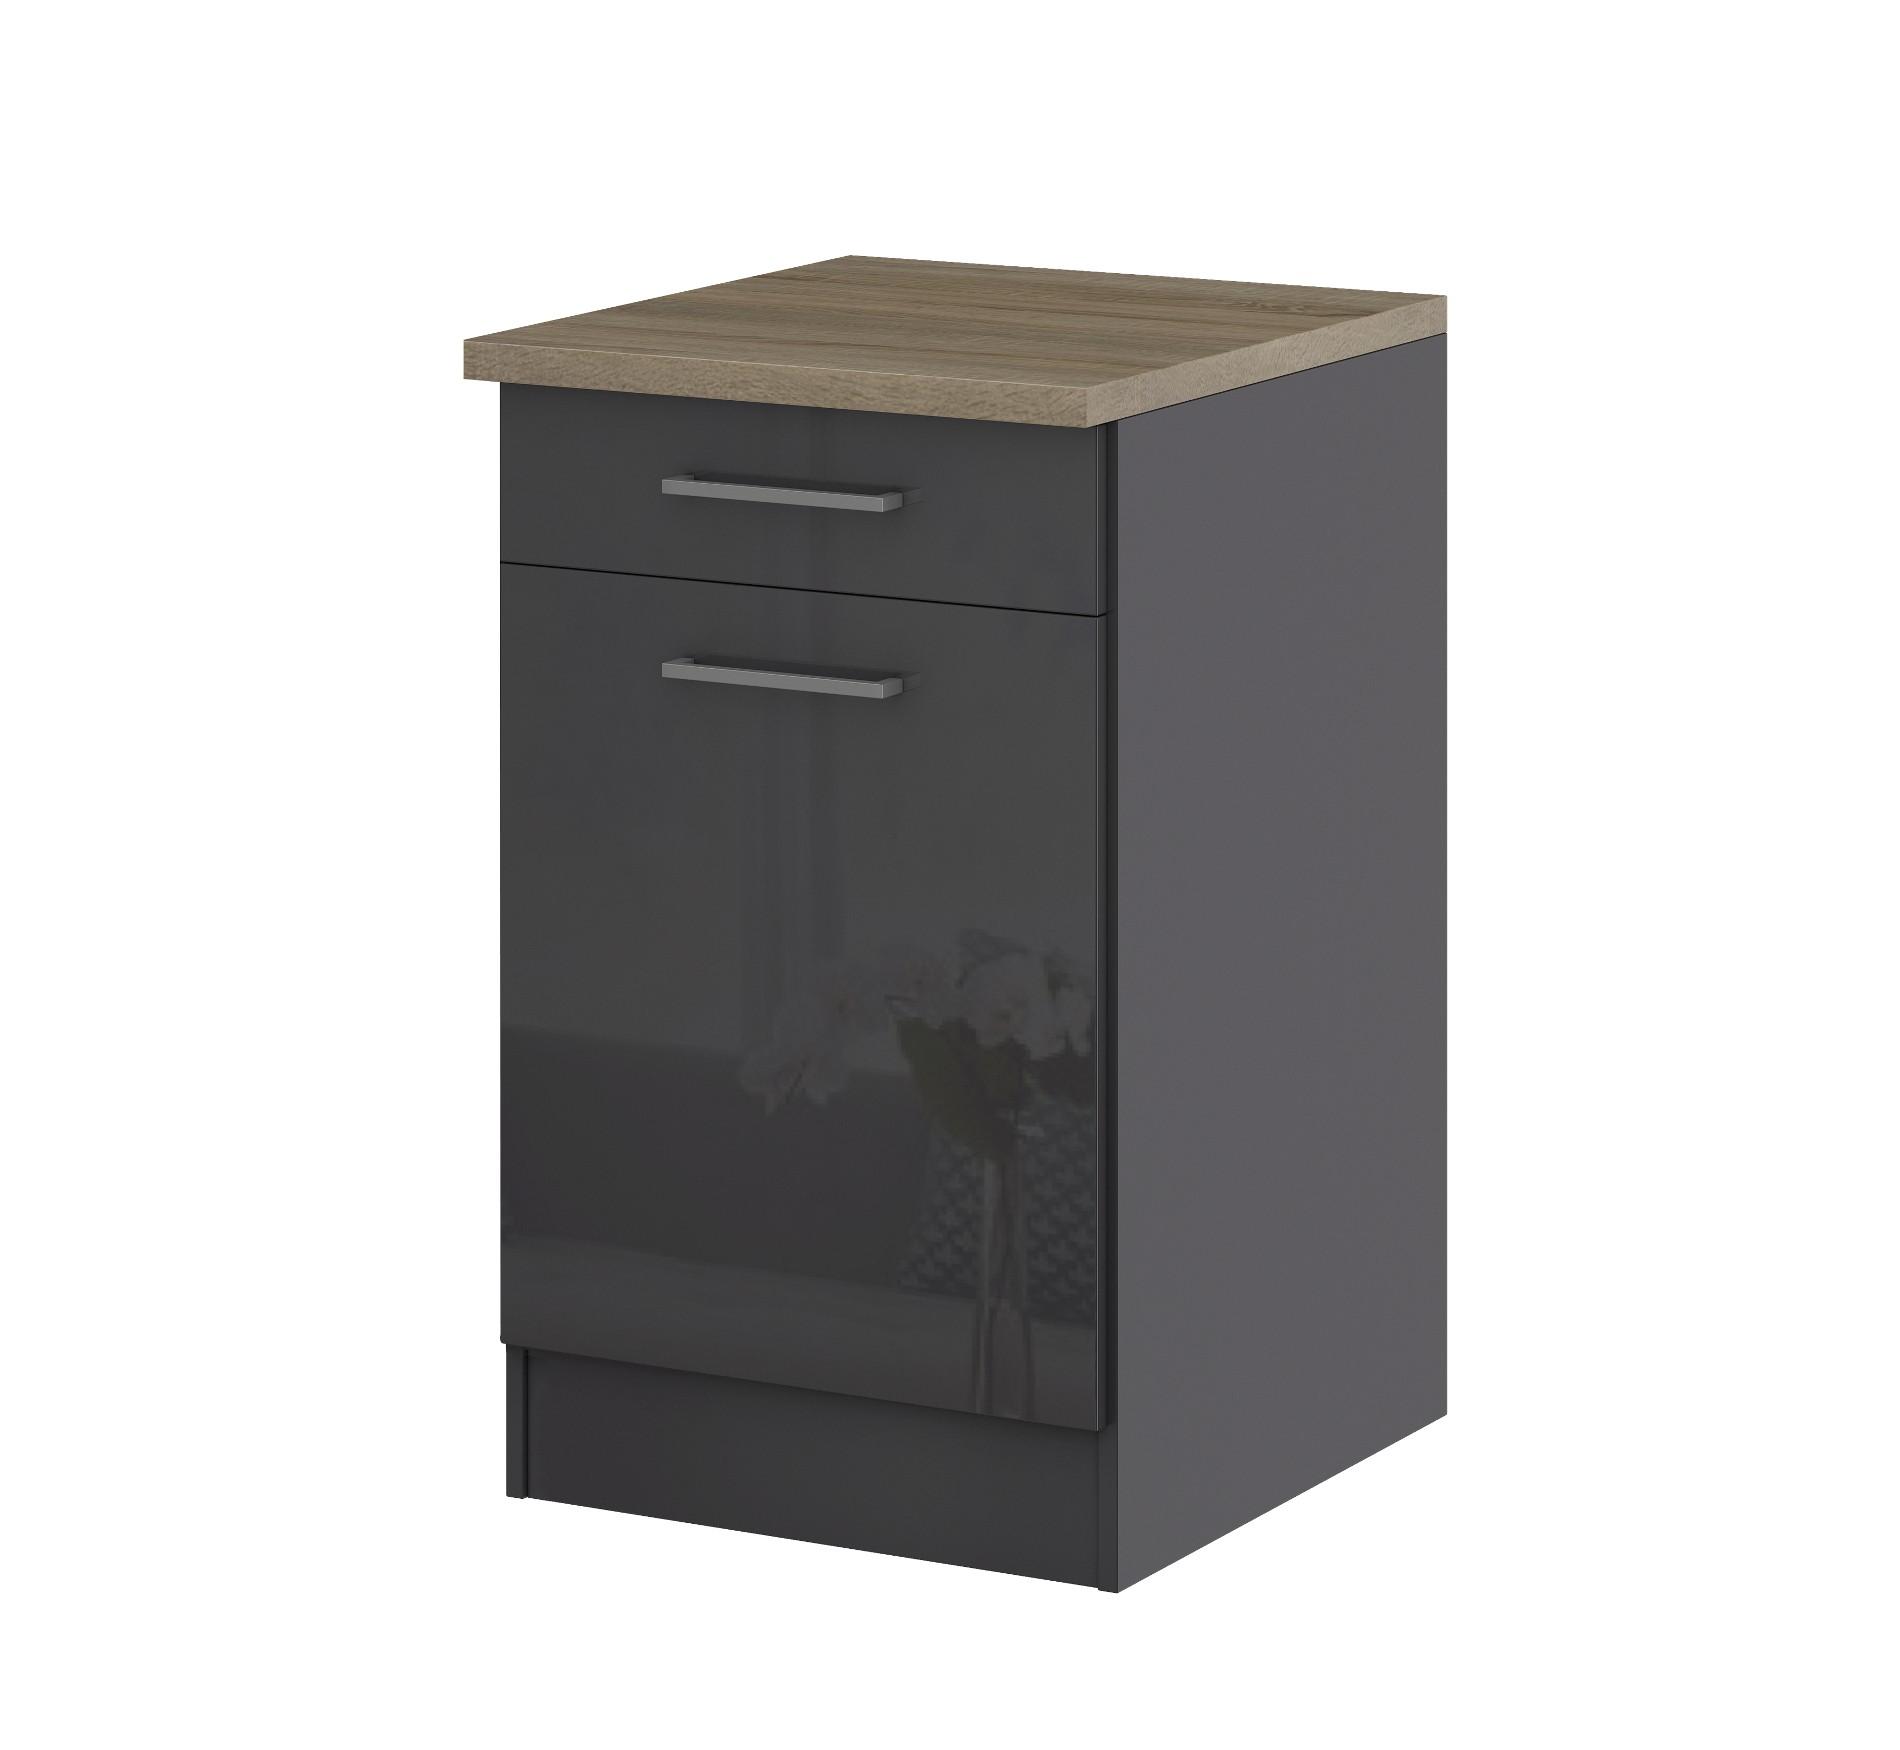 k chen unterschrank m nchen 1 t rig 50 cm breit hochglanz grau graphit k che k chen. Black Bedroom Furniture Sets. Home Design Ideas